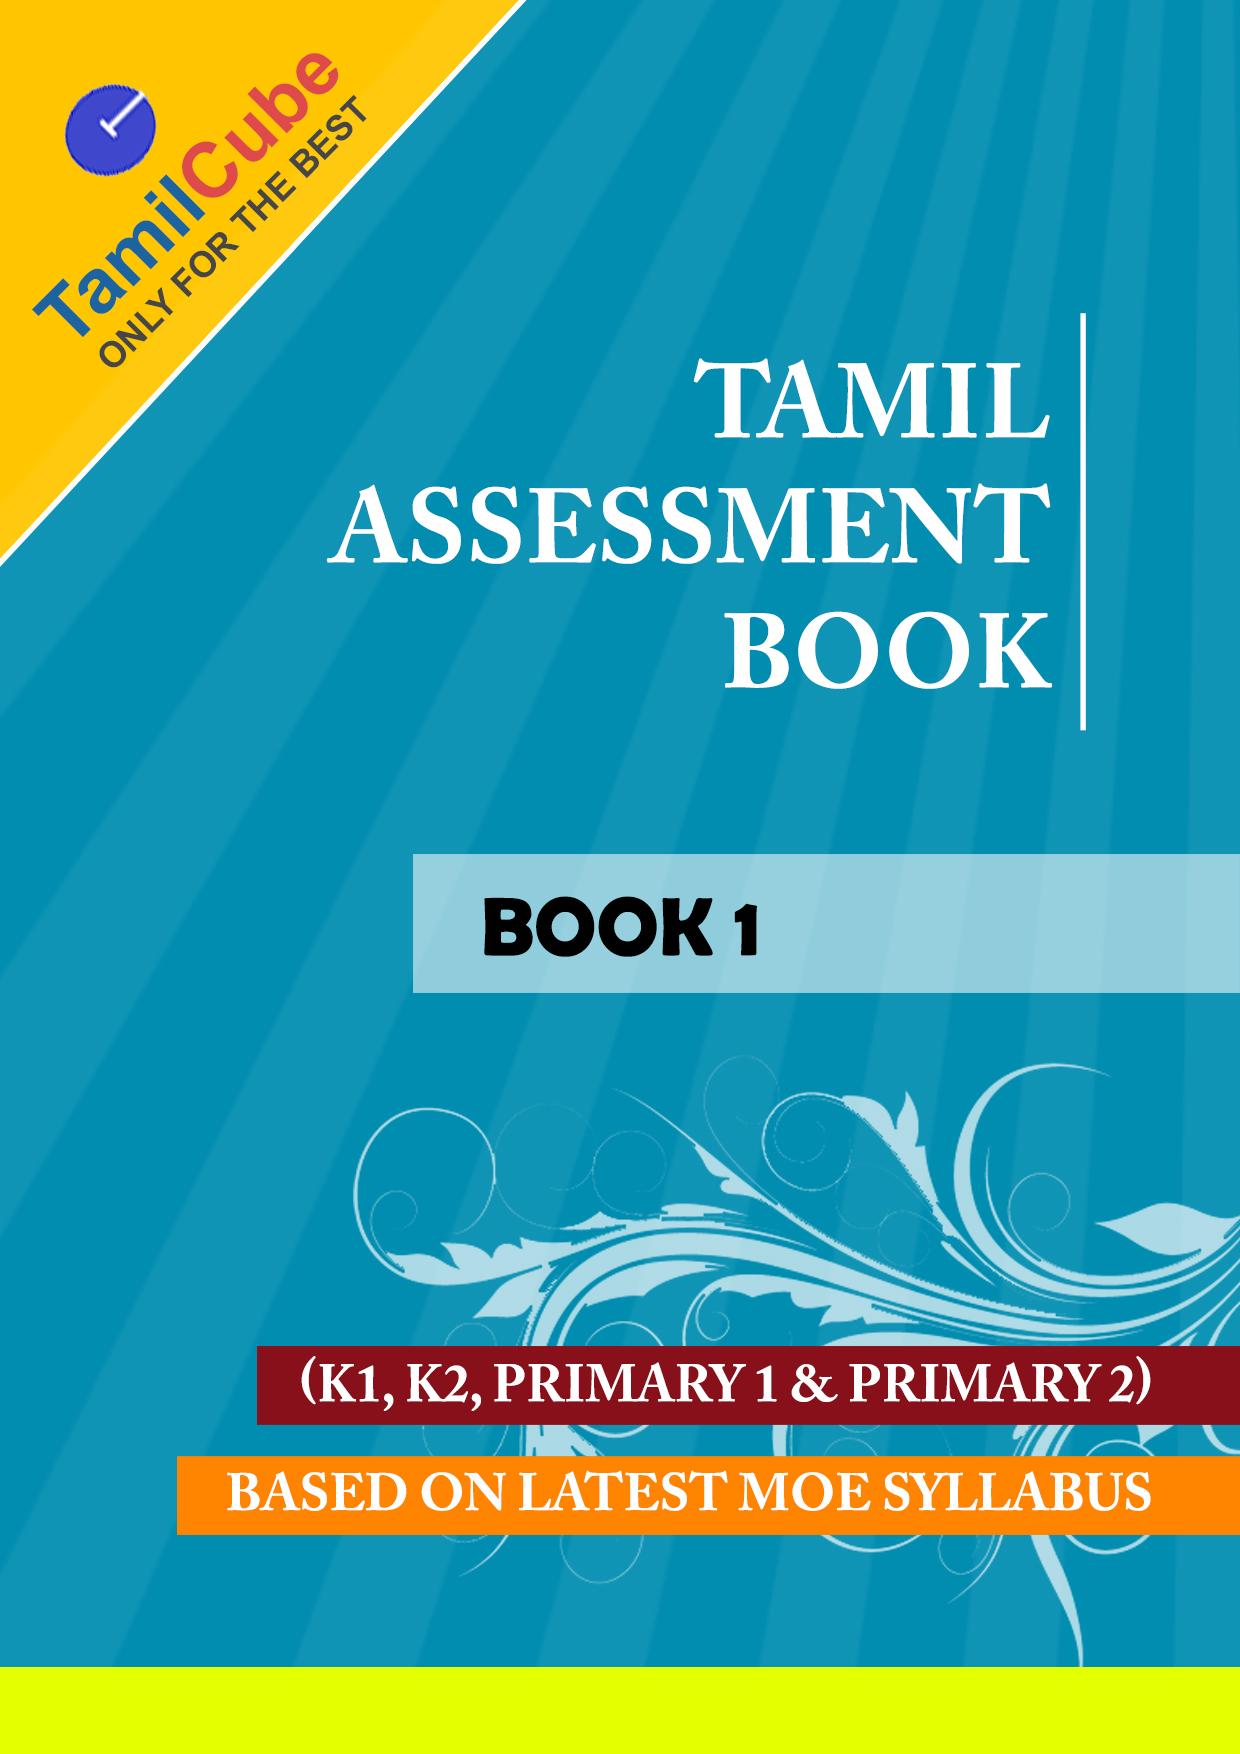 Tamilcube Tamil Assessment Book 1 Tamilcube